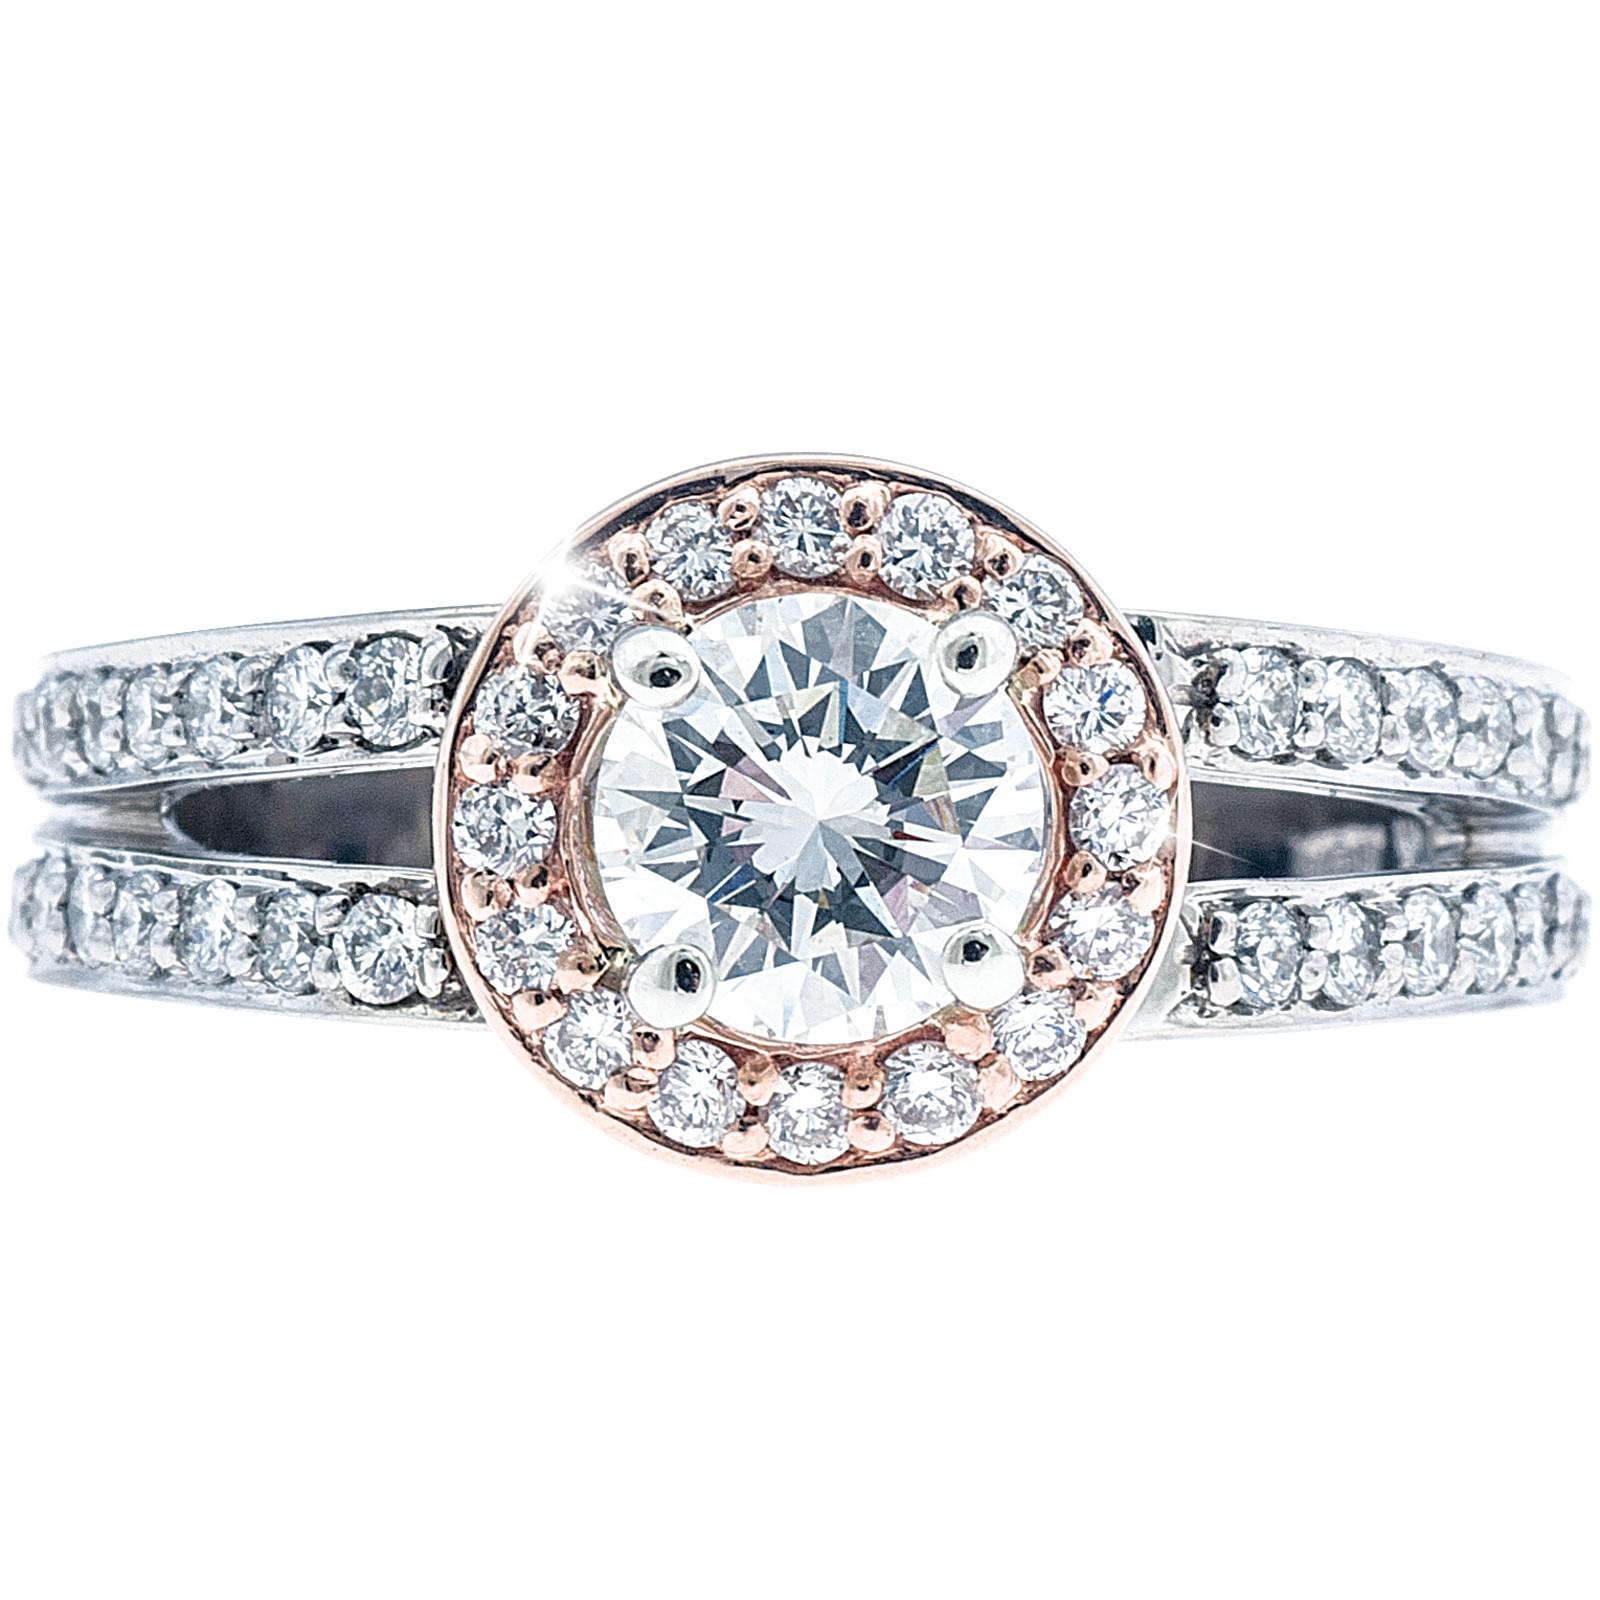 New Asba & Dangler 1.13 CTW Diamond Engagement Ring